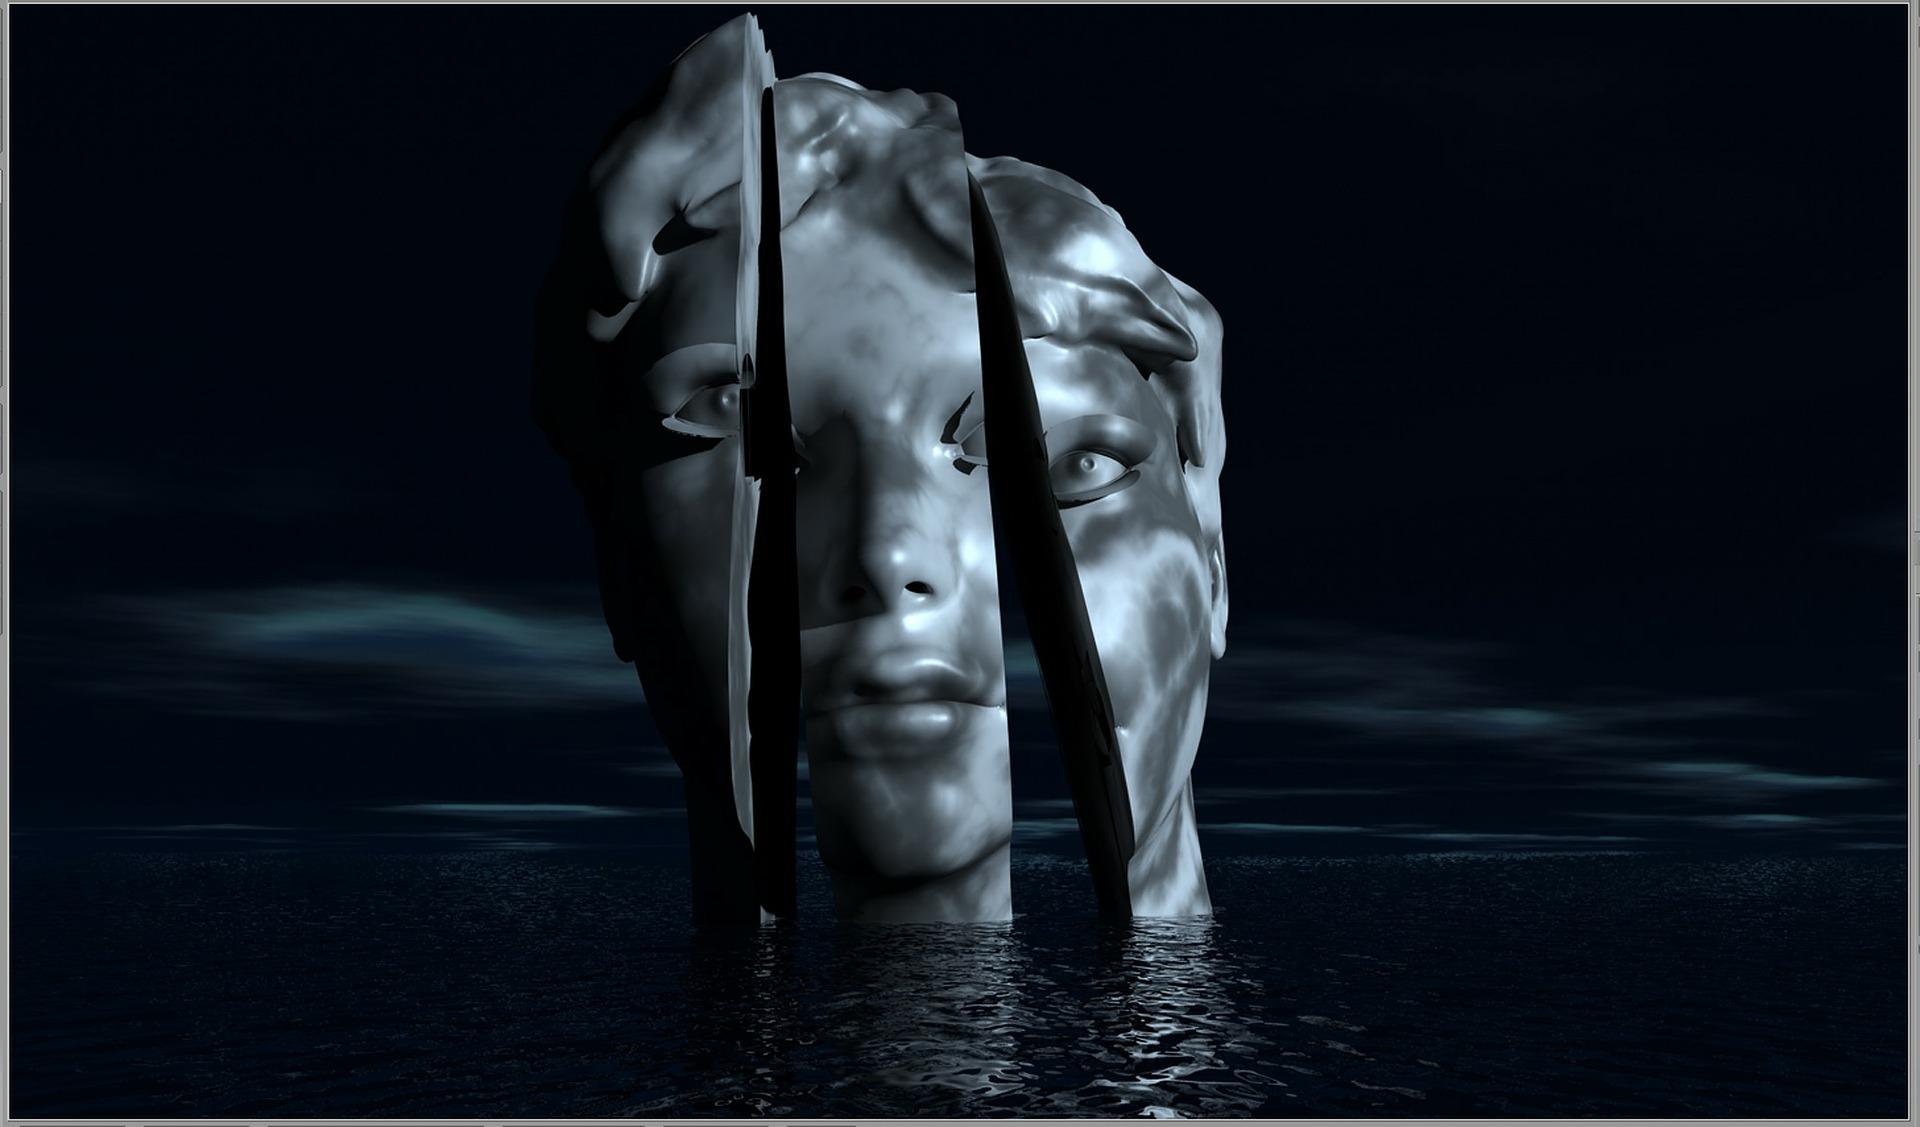 الجنون والاضطرابات النفسية | كل ما تبحث عنه